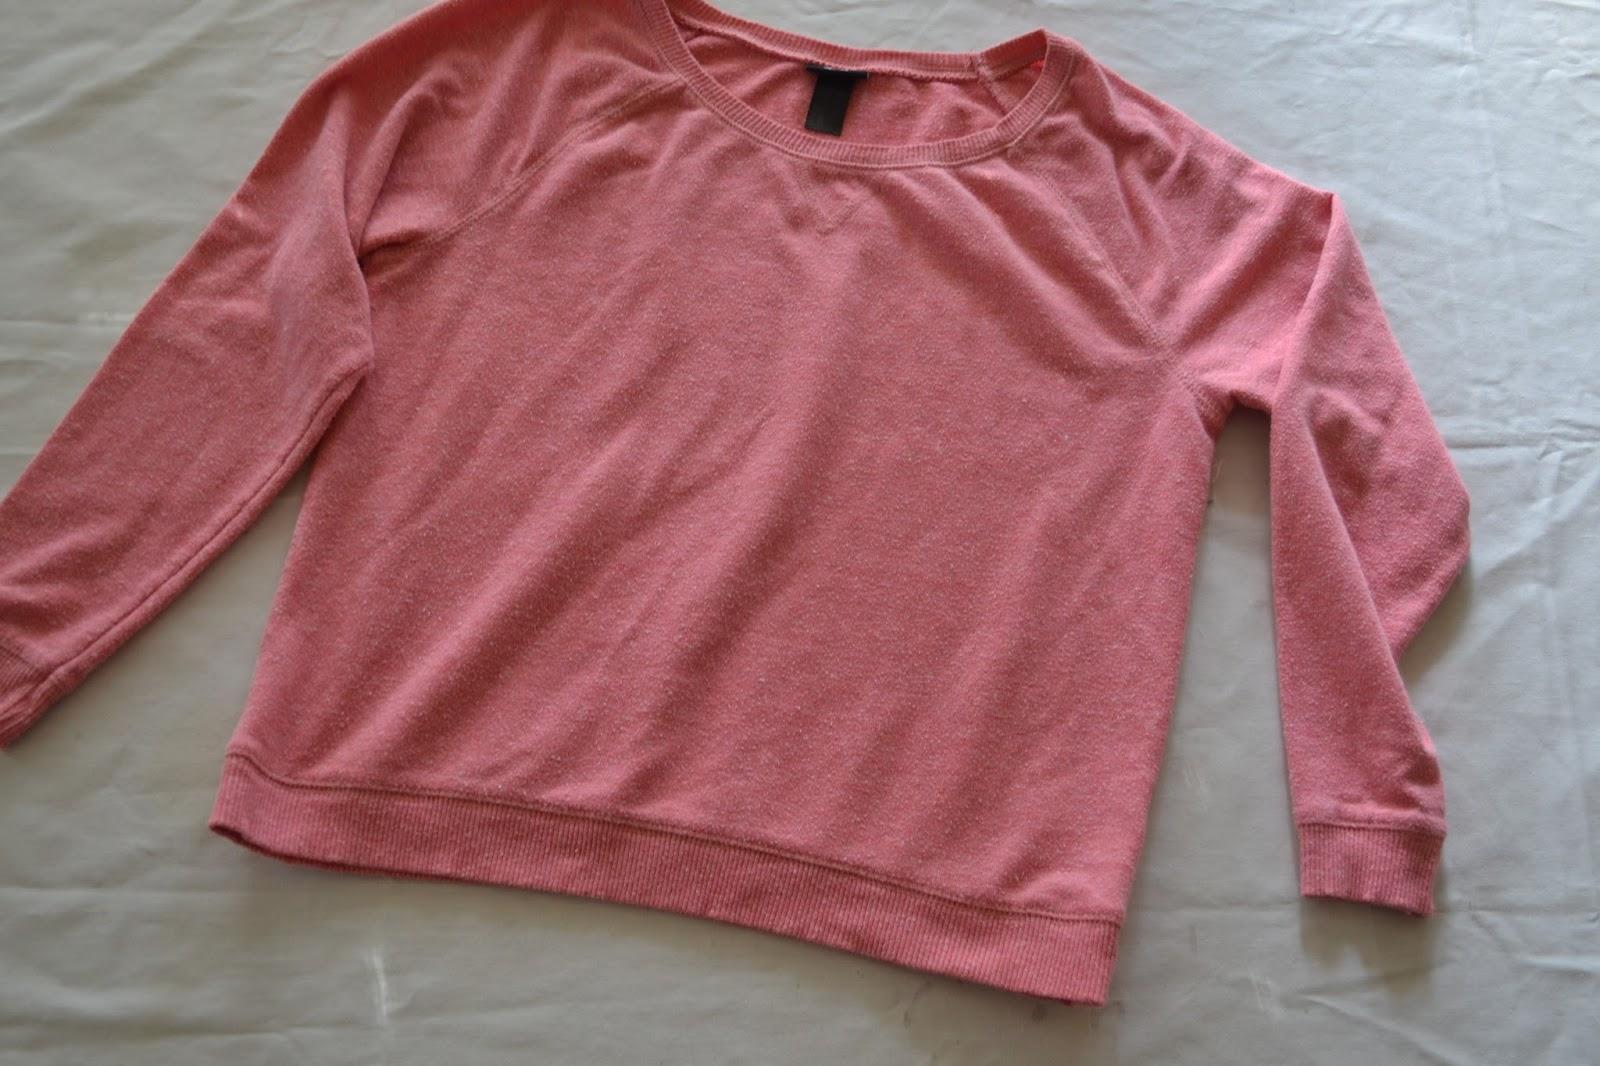 http://2.bp.blogspot.com/-K3yiCStWlL4/VL_pHTxgBrI/AAAAAAAAd88/j8sFUqPrGjo/s1600/sweatshirt.jpg